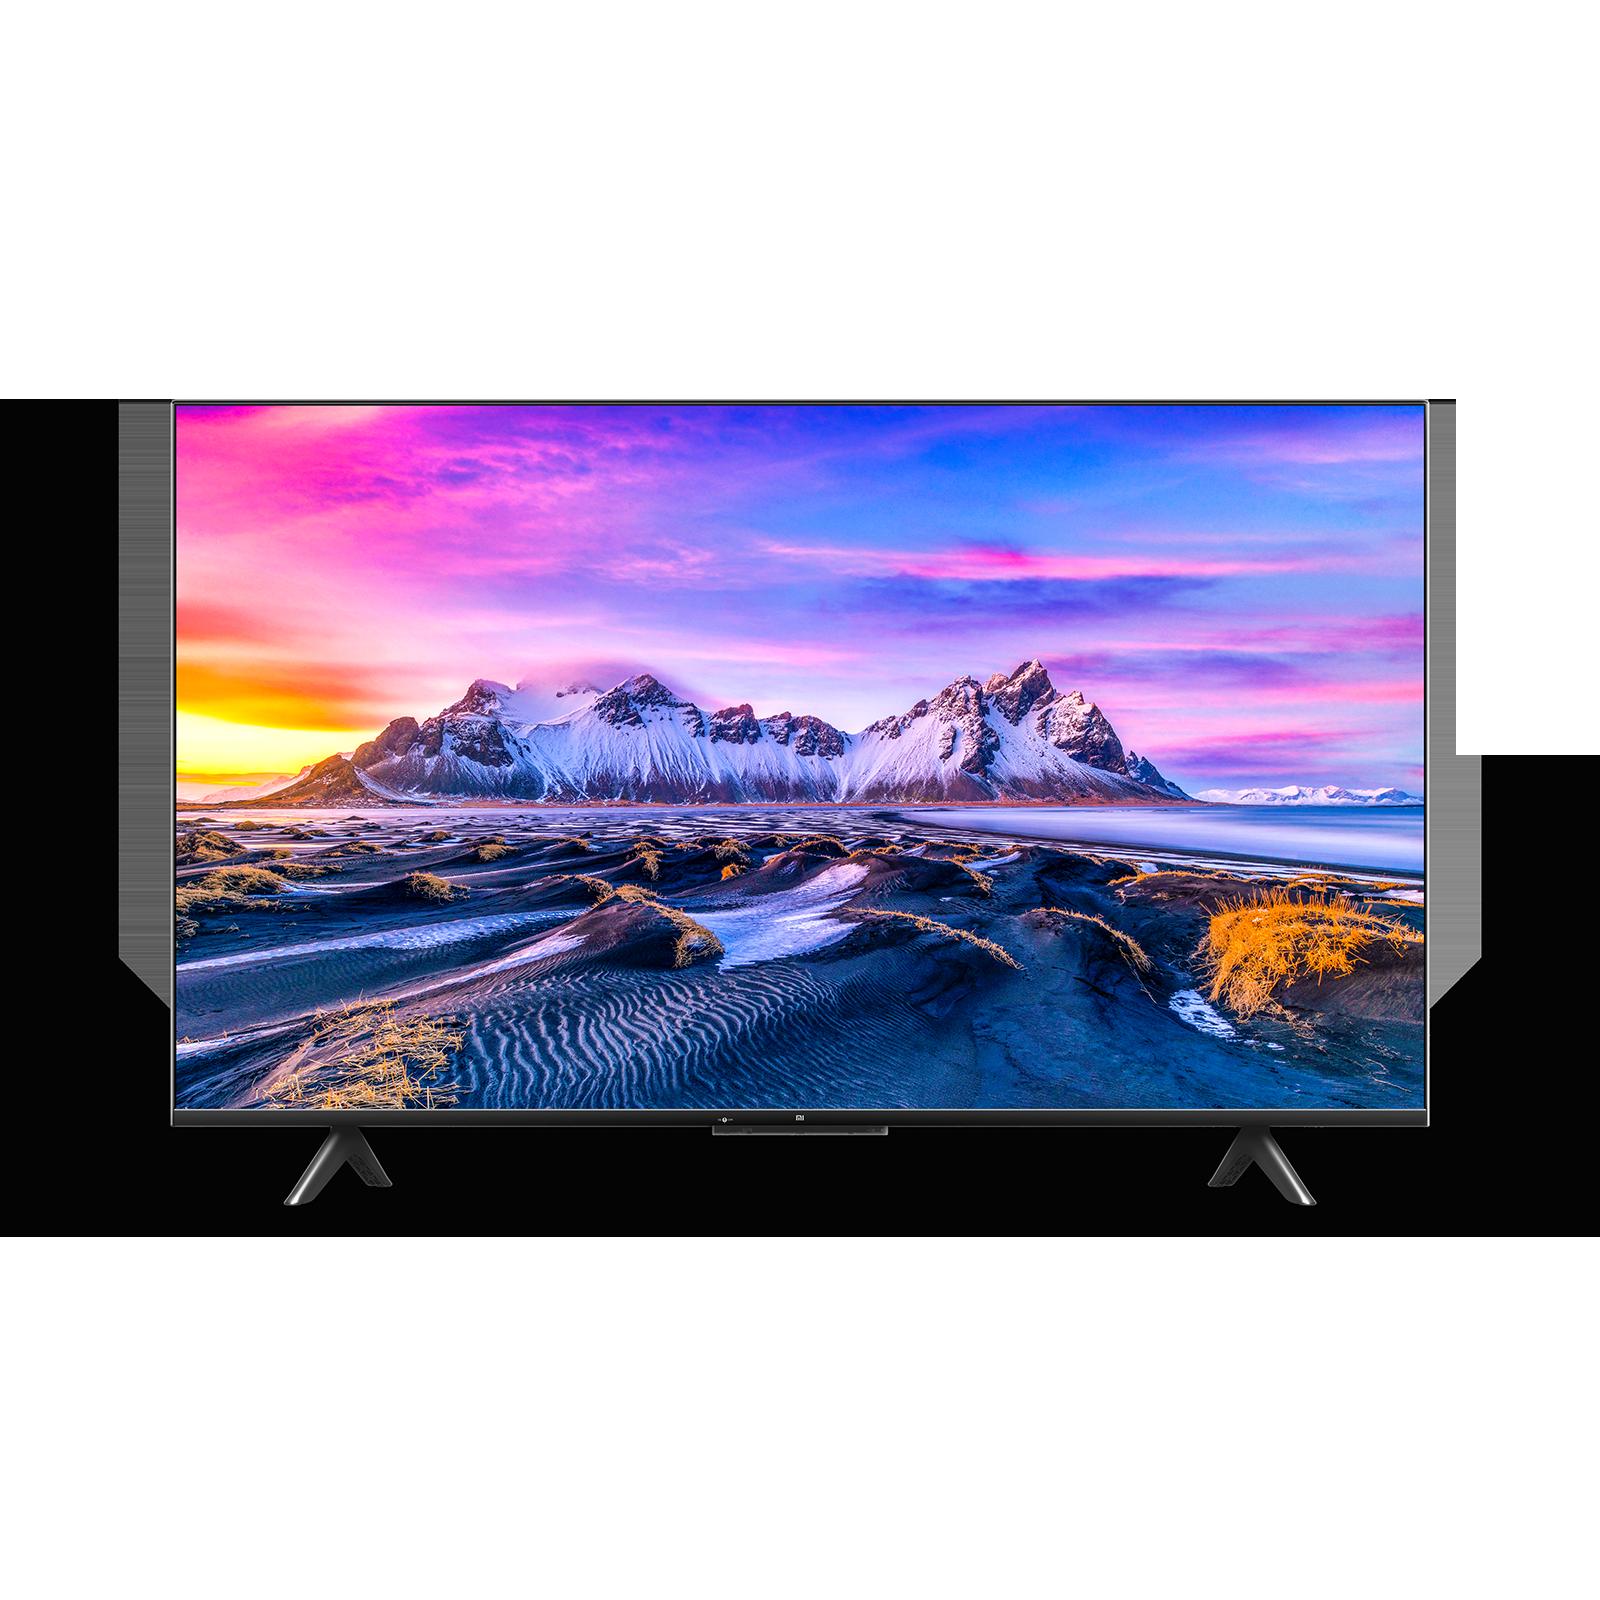 Mi TV P1 55